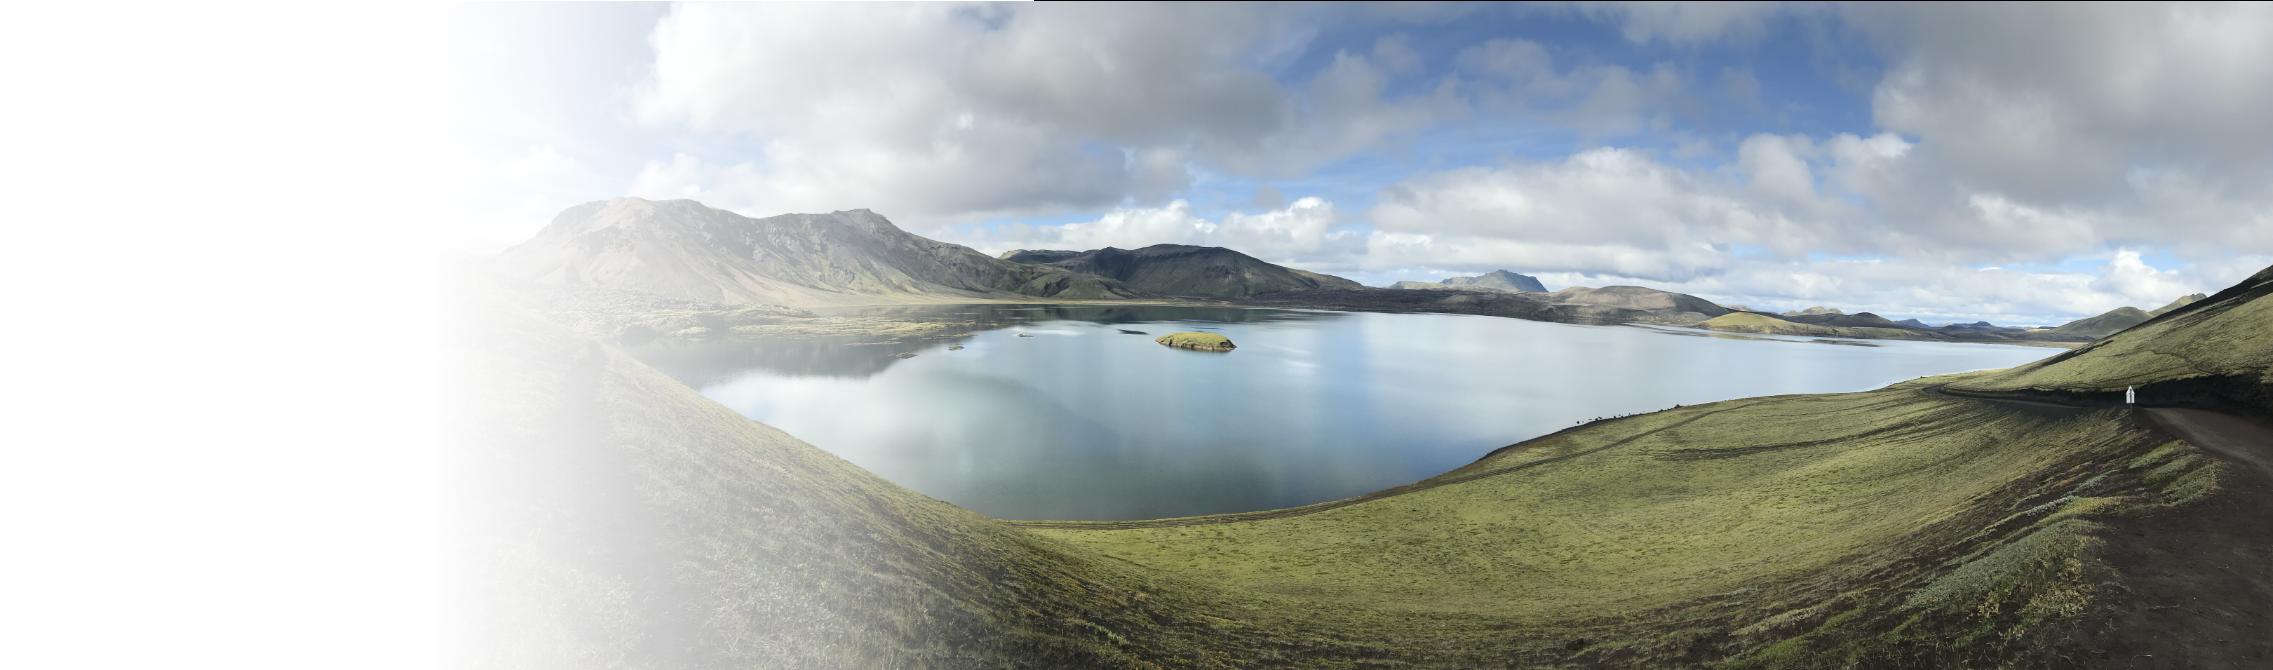 lake background image